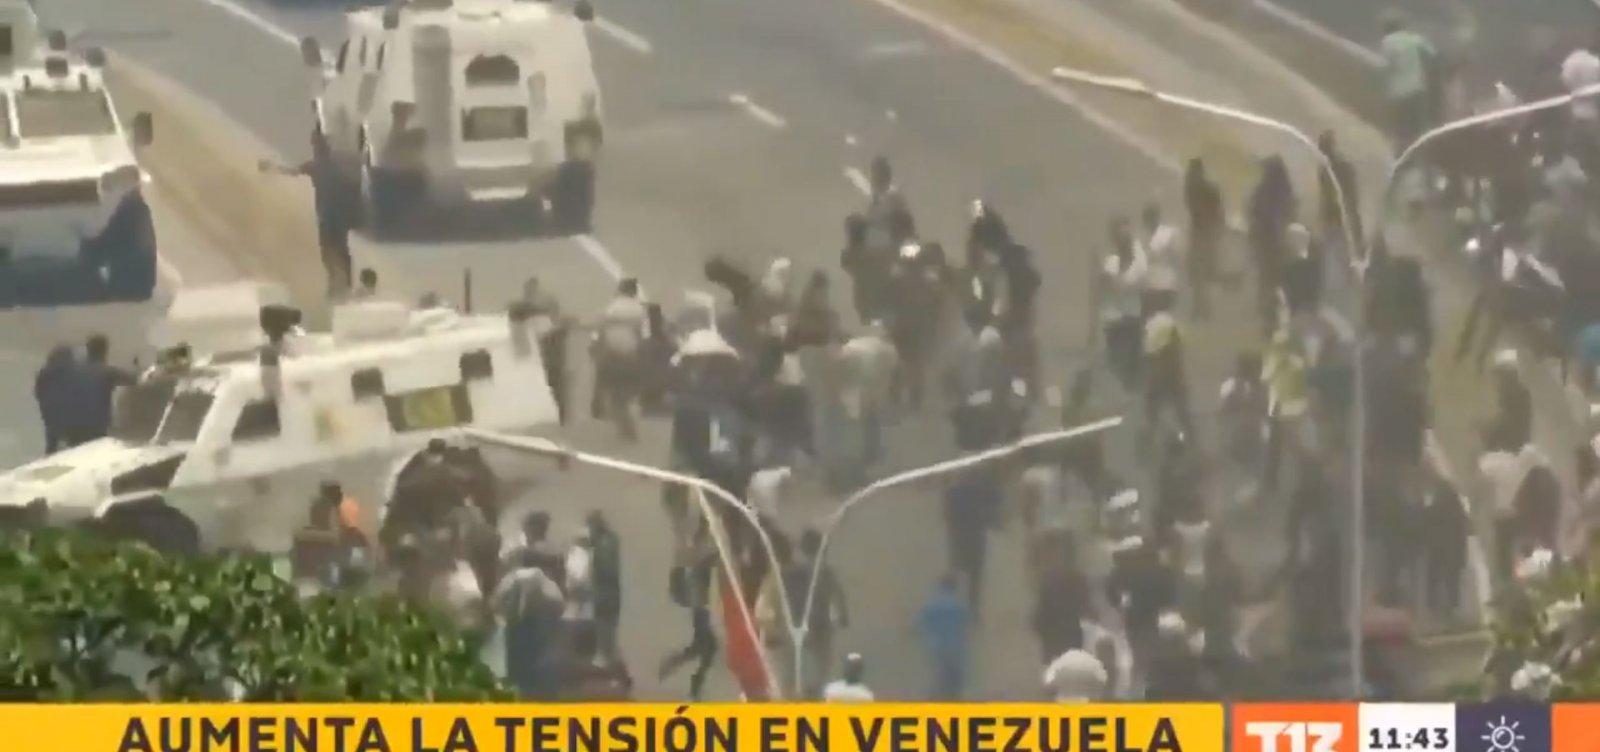 Assista: blindados atropelam manifestantes contra Maduro na Venezuela